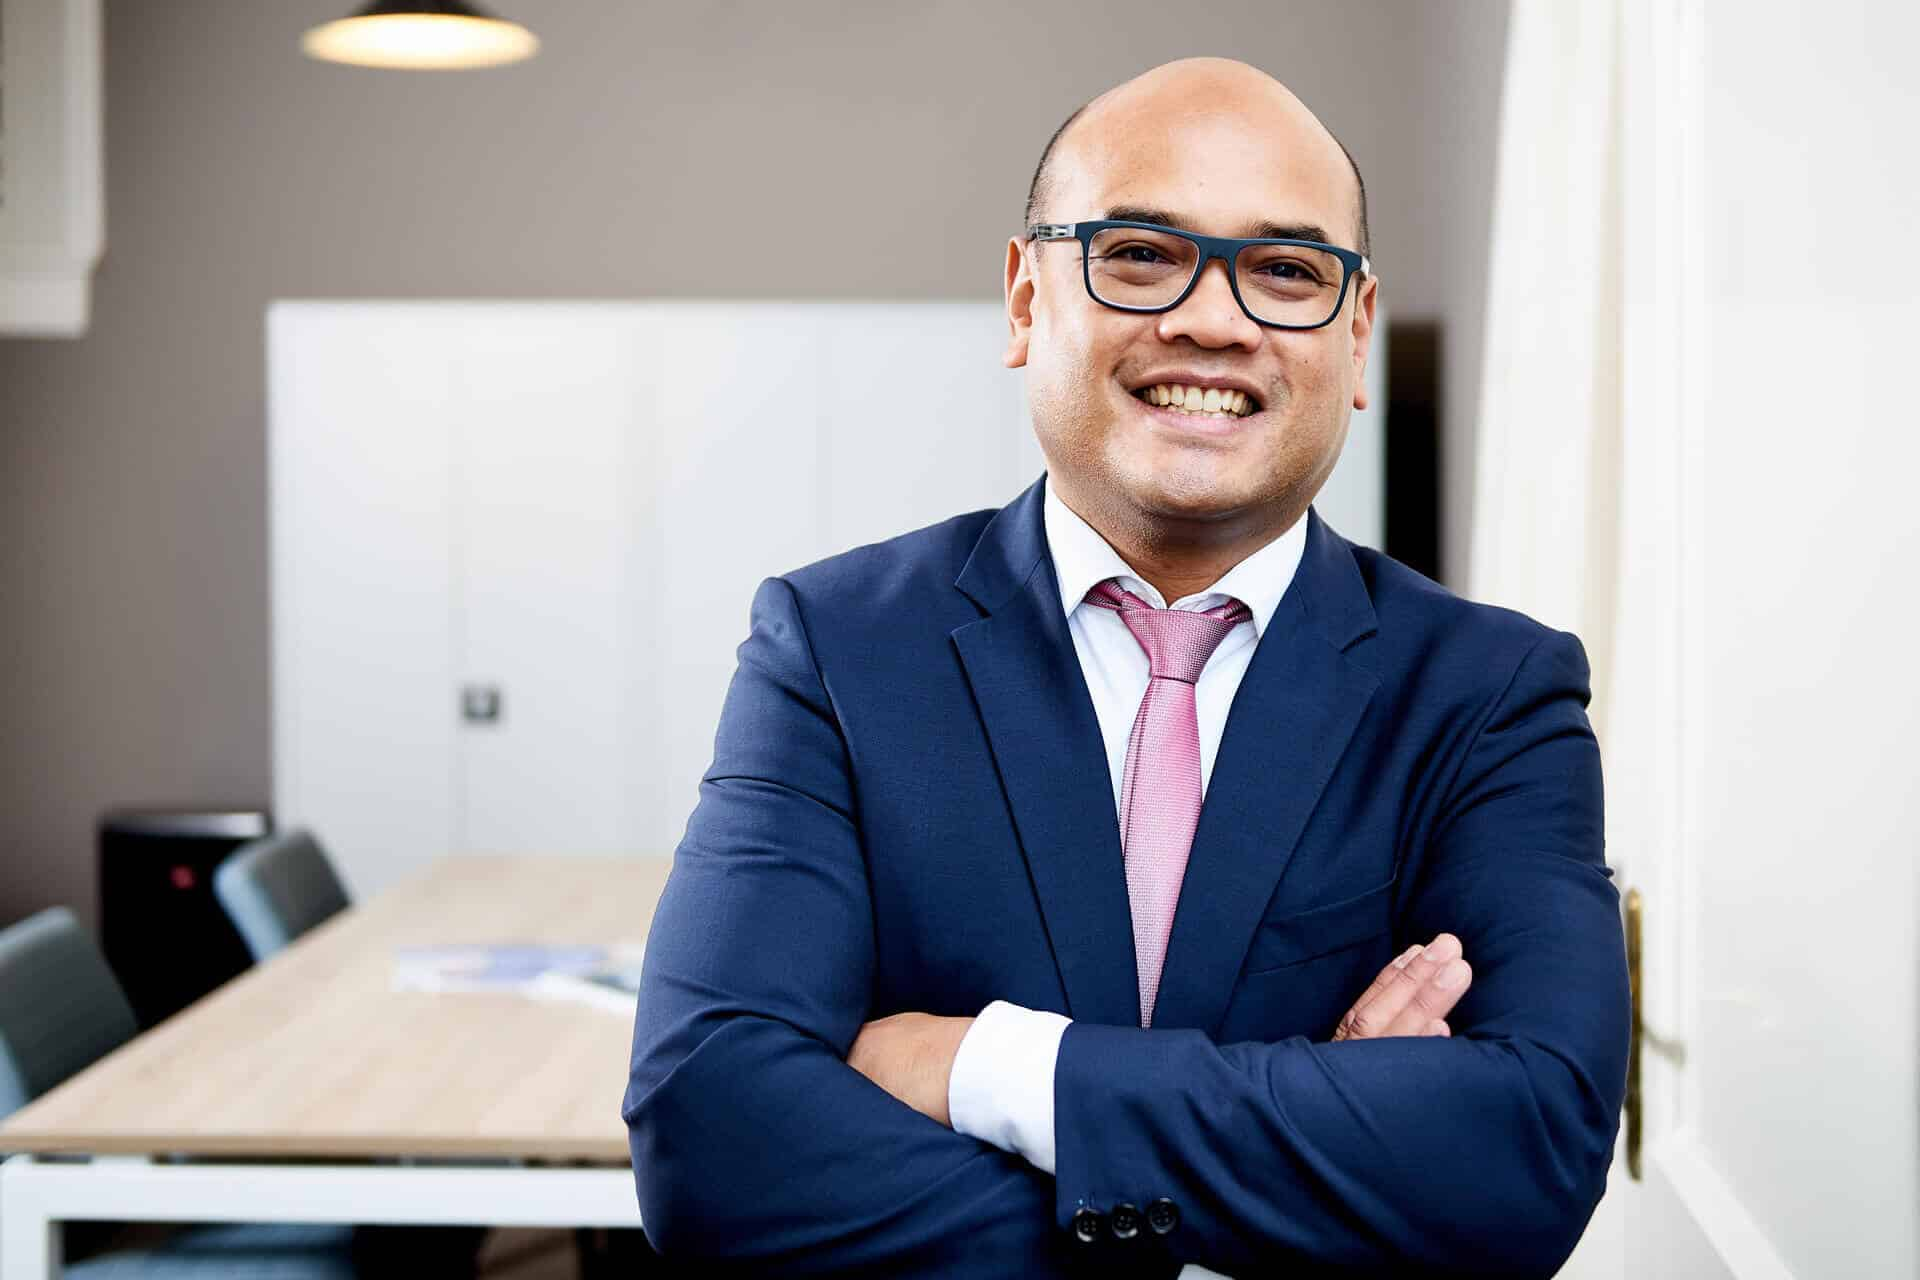 De #1 letselschade jurist in Enschede voor rechtsbijstand bij letselschade | Hulp bij letselschade of ongeval